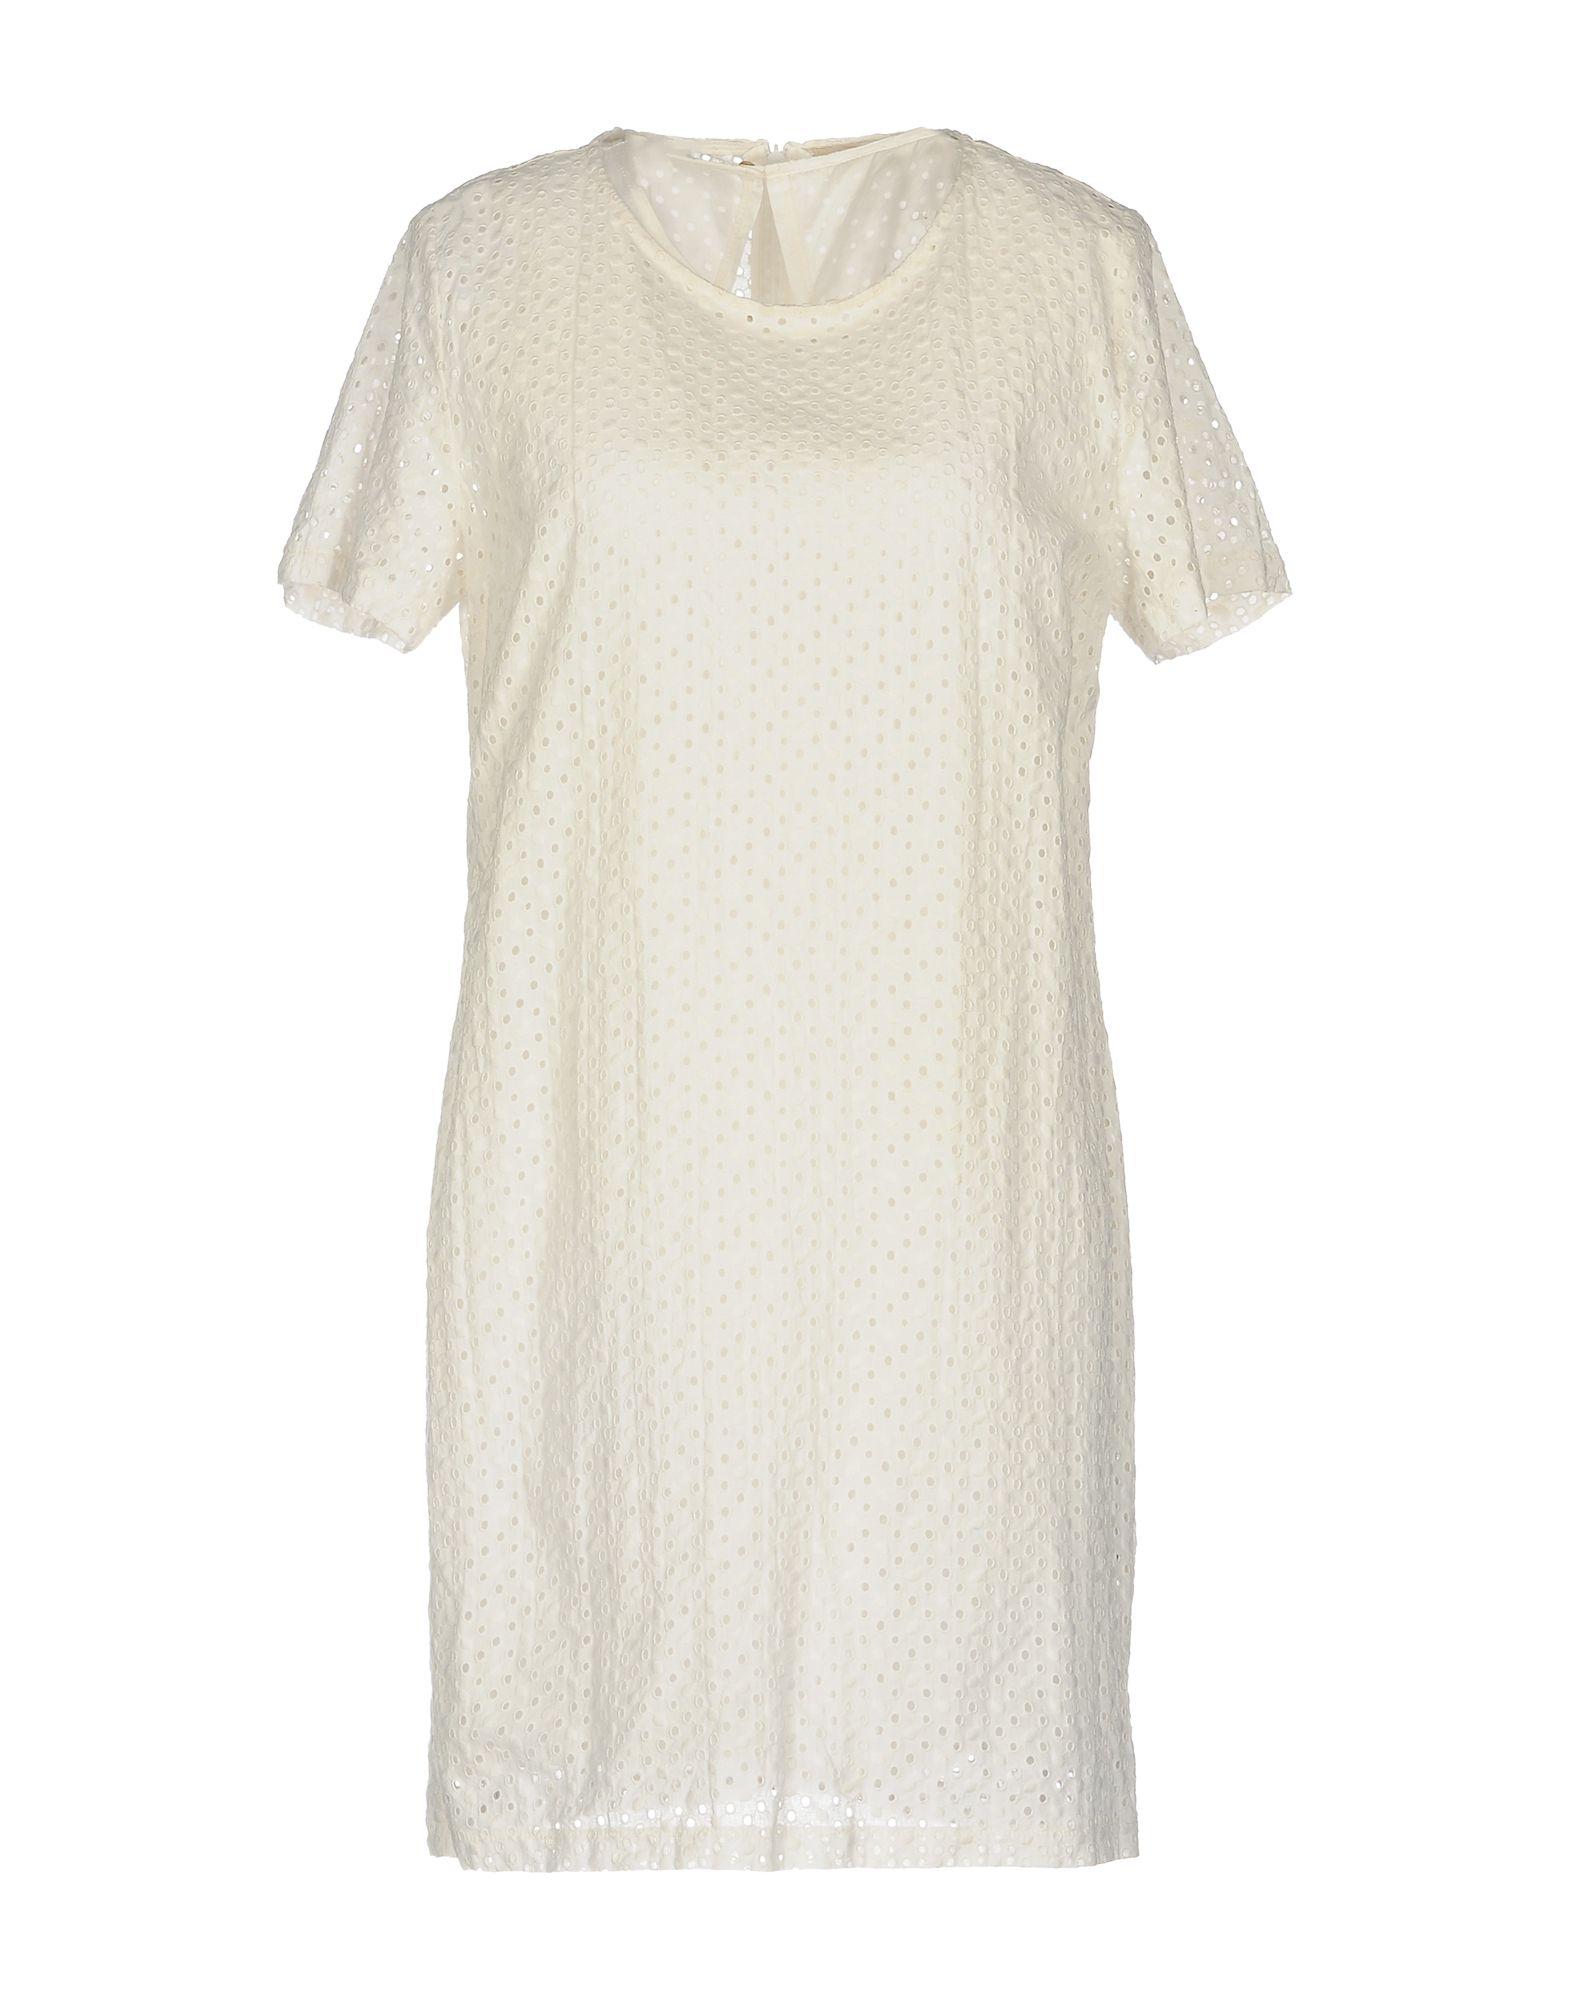 Фото - LIBERTINE-LIBERTINE Короткое платье libertine libertine платье до колена